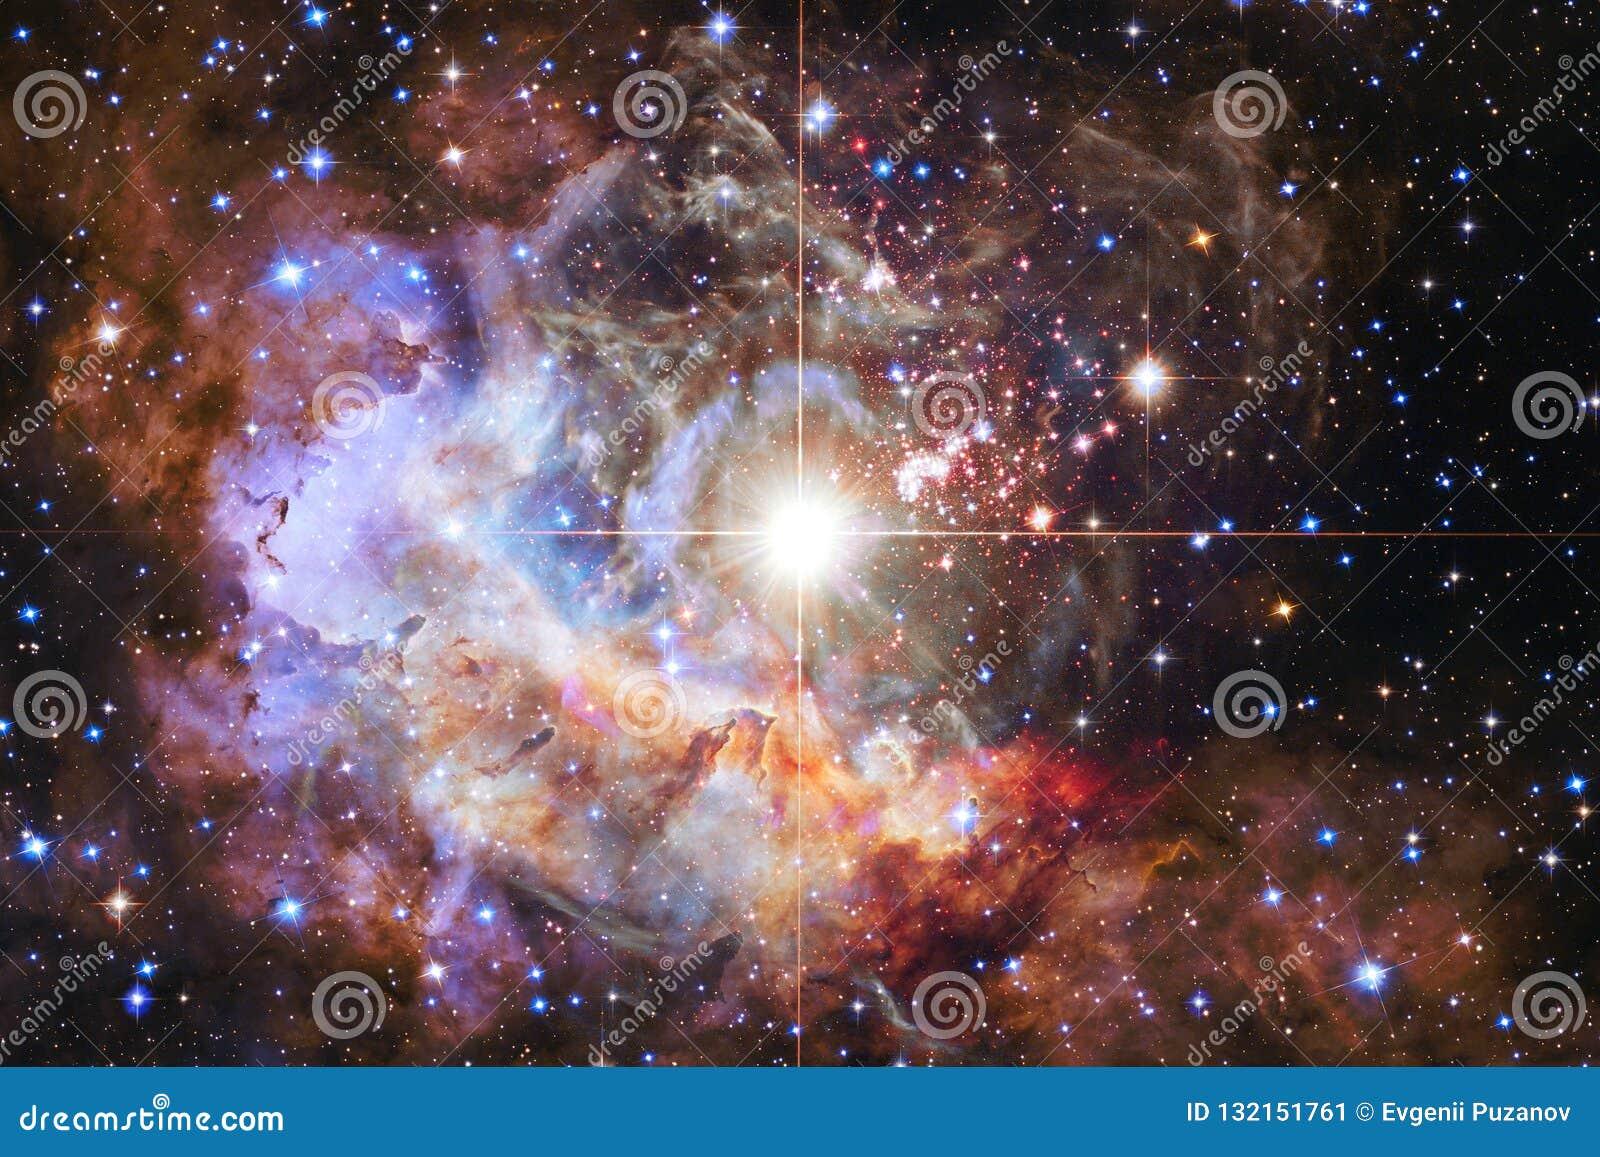 Nebelflecke und viele Sterne im Weltraum Elemente dieses Bildes geliefert von der NASA